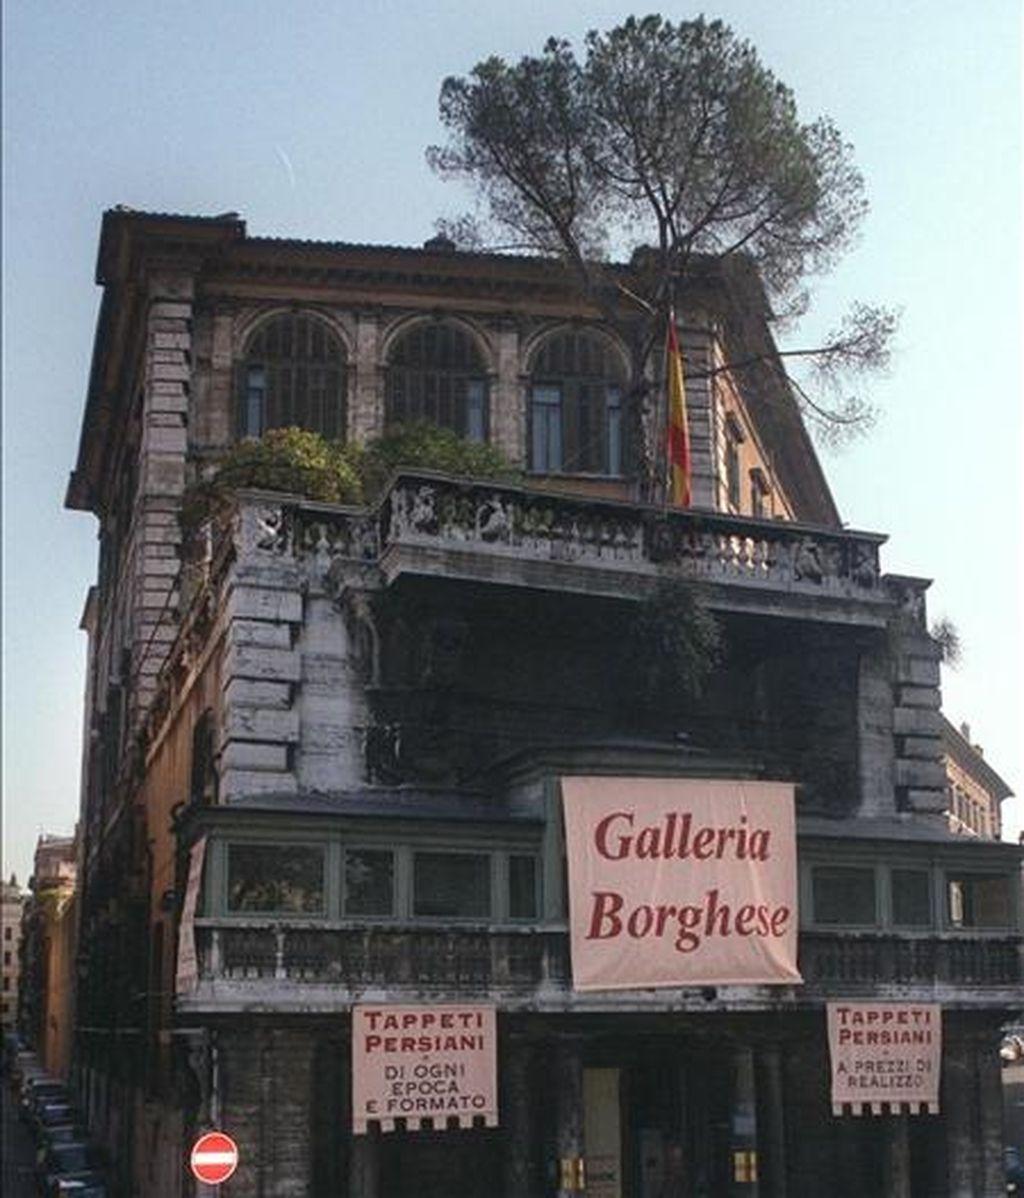 La Galleria Borghese y las iglesias que guardan con celo algunas de las pocas obras que pintó Caravaggio abrirán durante la noche en el 400 aniversario de su muerte. EFE/Archivo